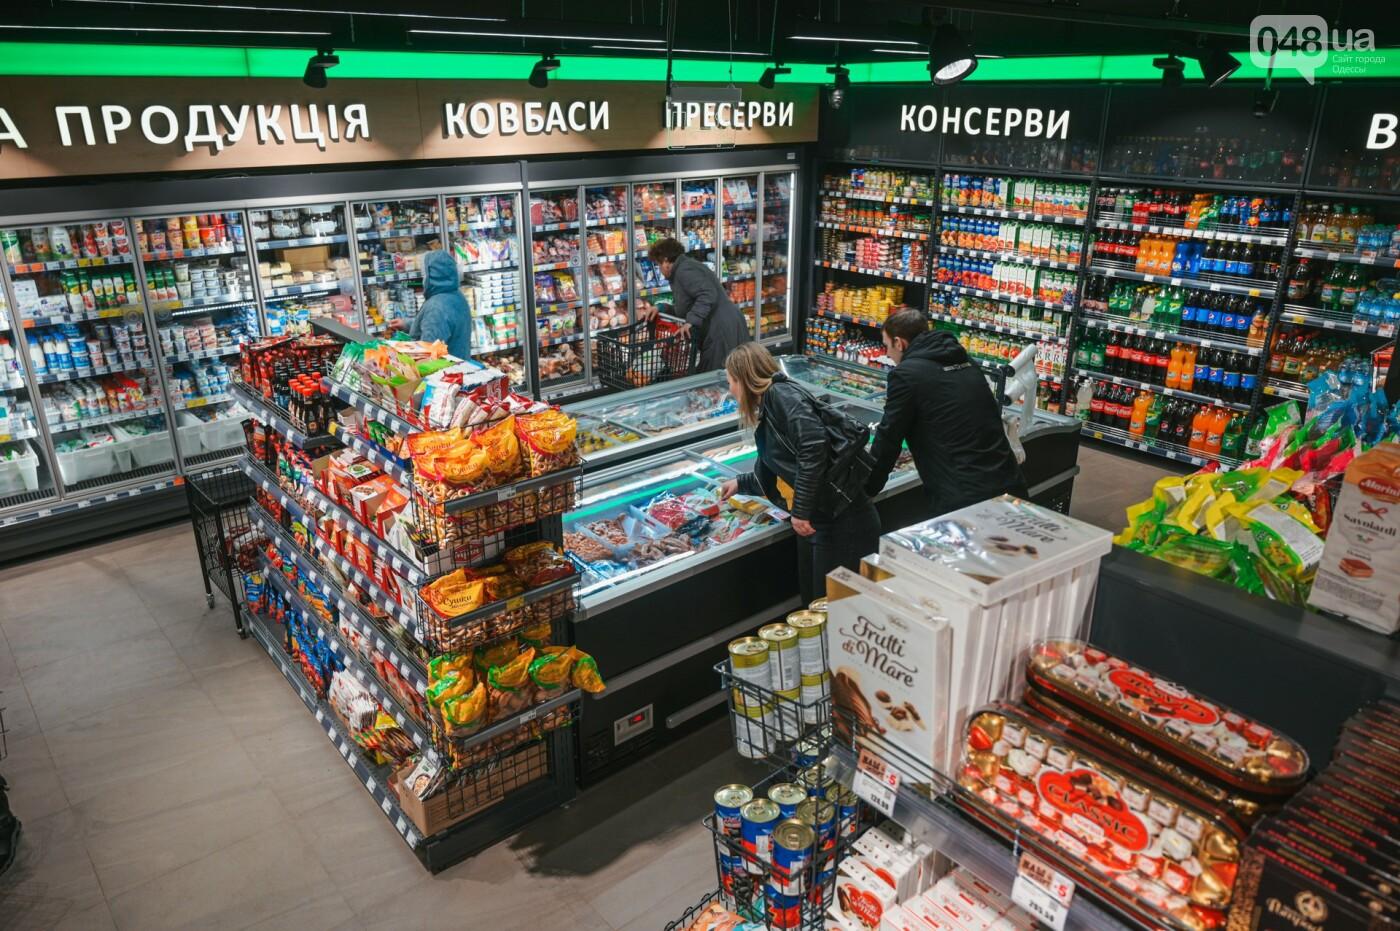 «ТАВРИЯ В» відкриває магазин у новому концепті, фото-3